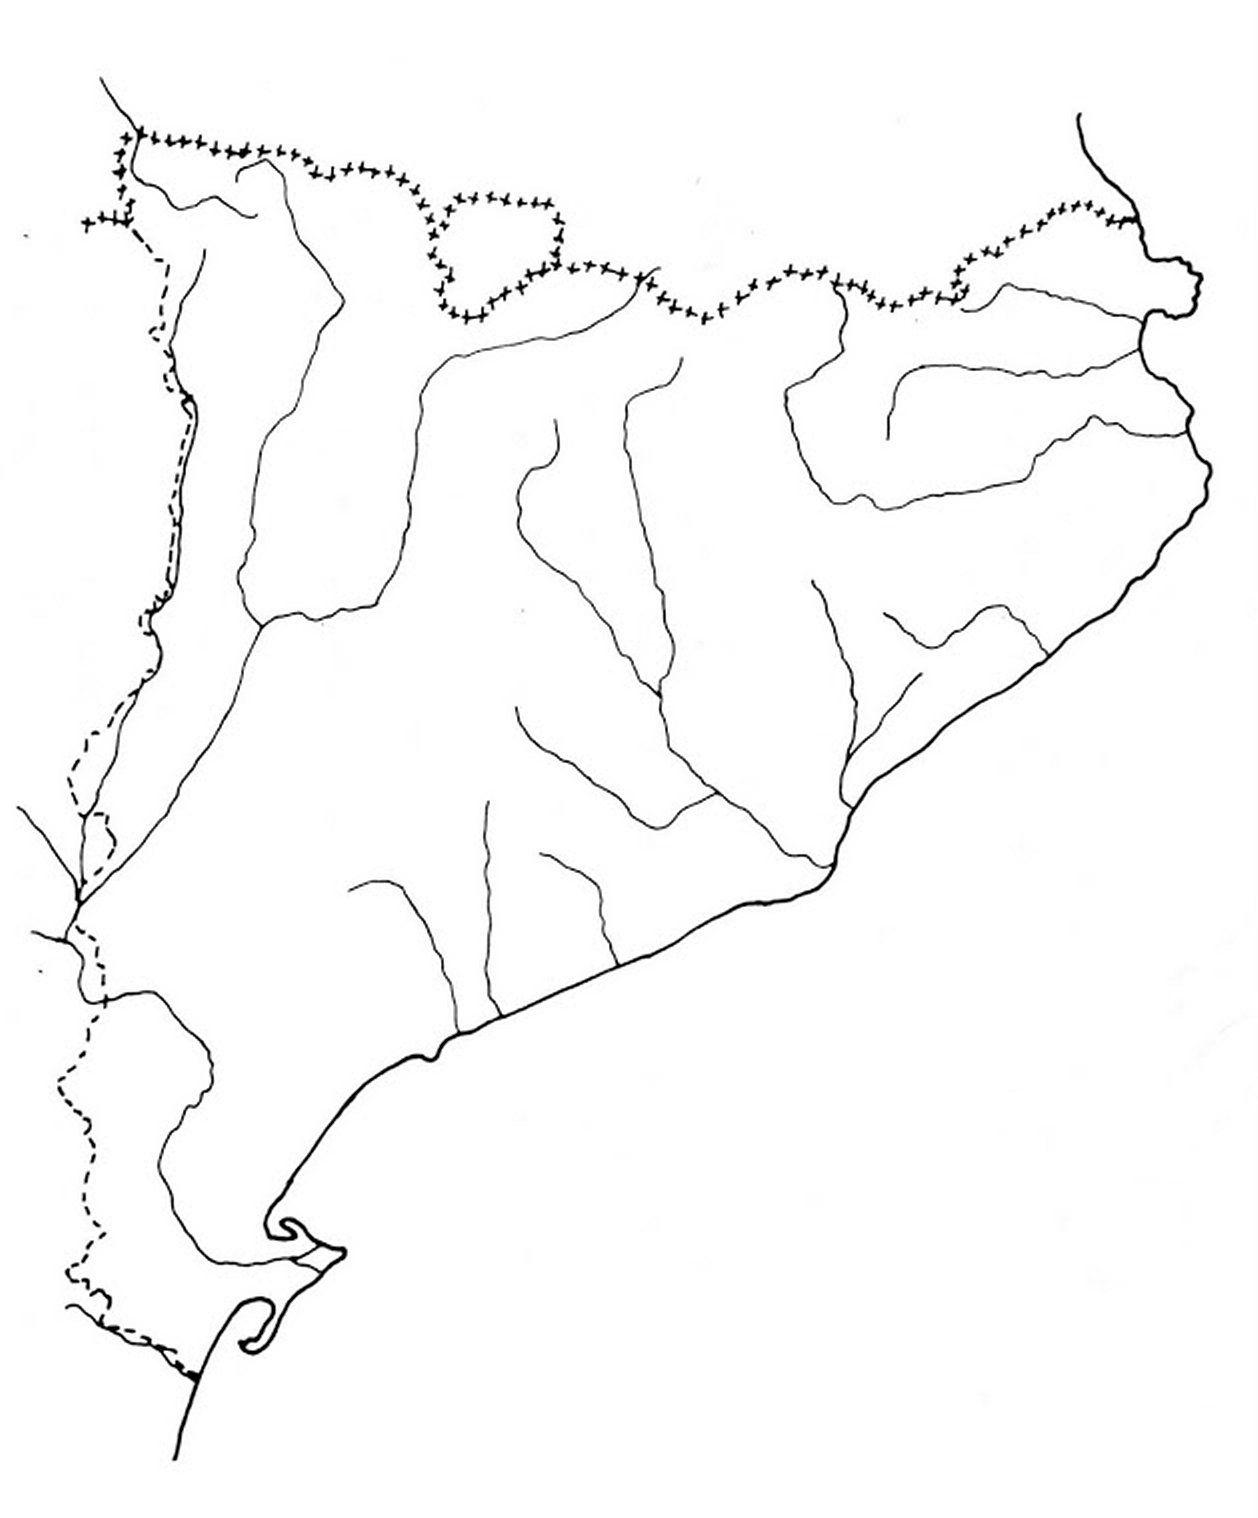 Mapa Fisic Catalunya Mut.Mapa Amb Els Rius Mes Importants De Catalunya Cerca Amb